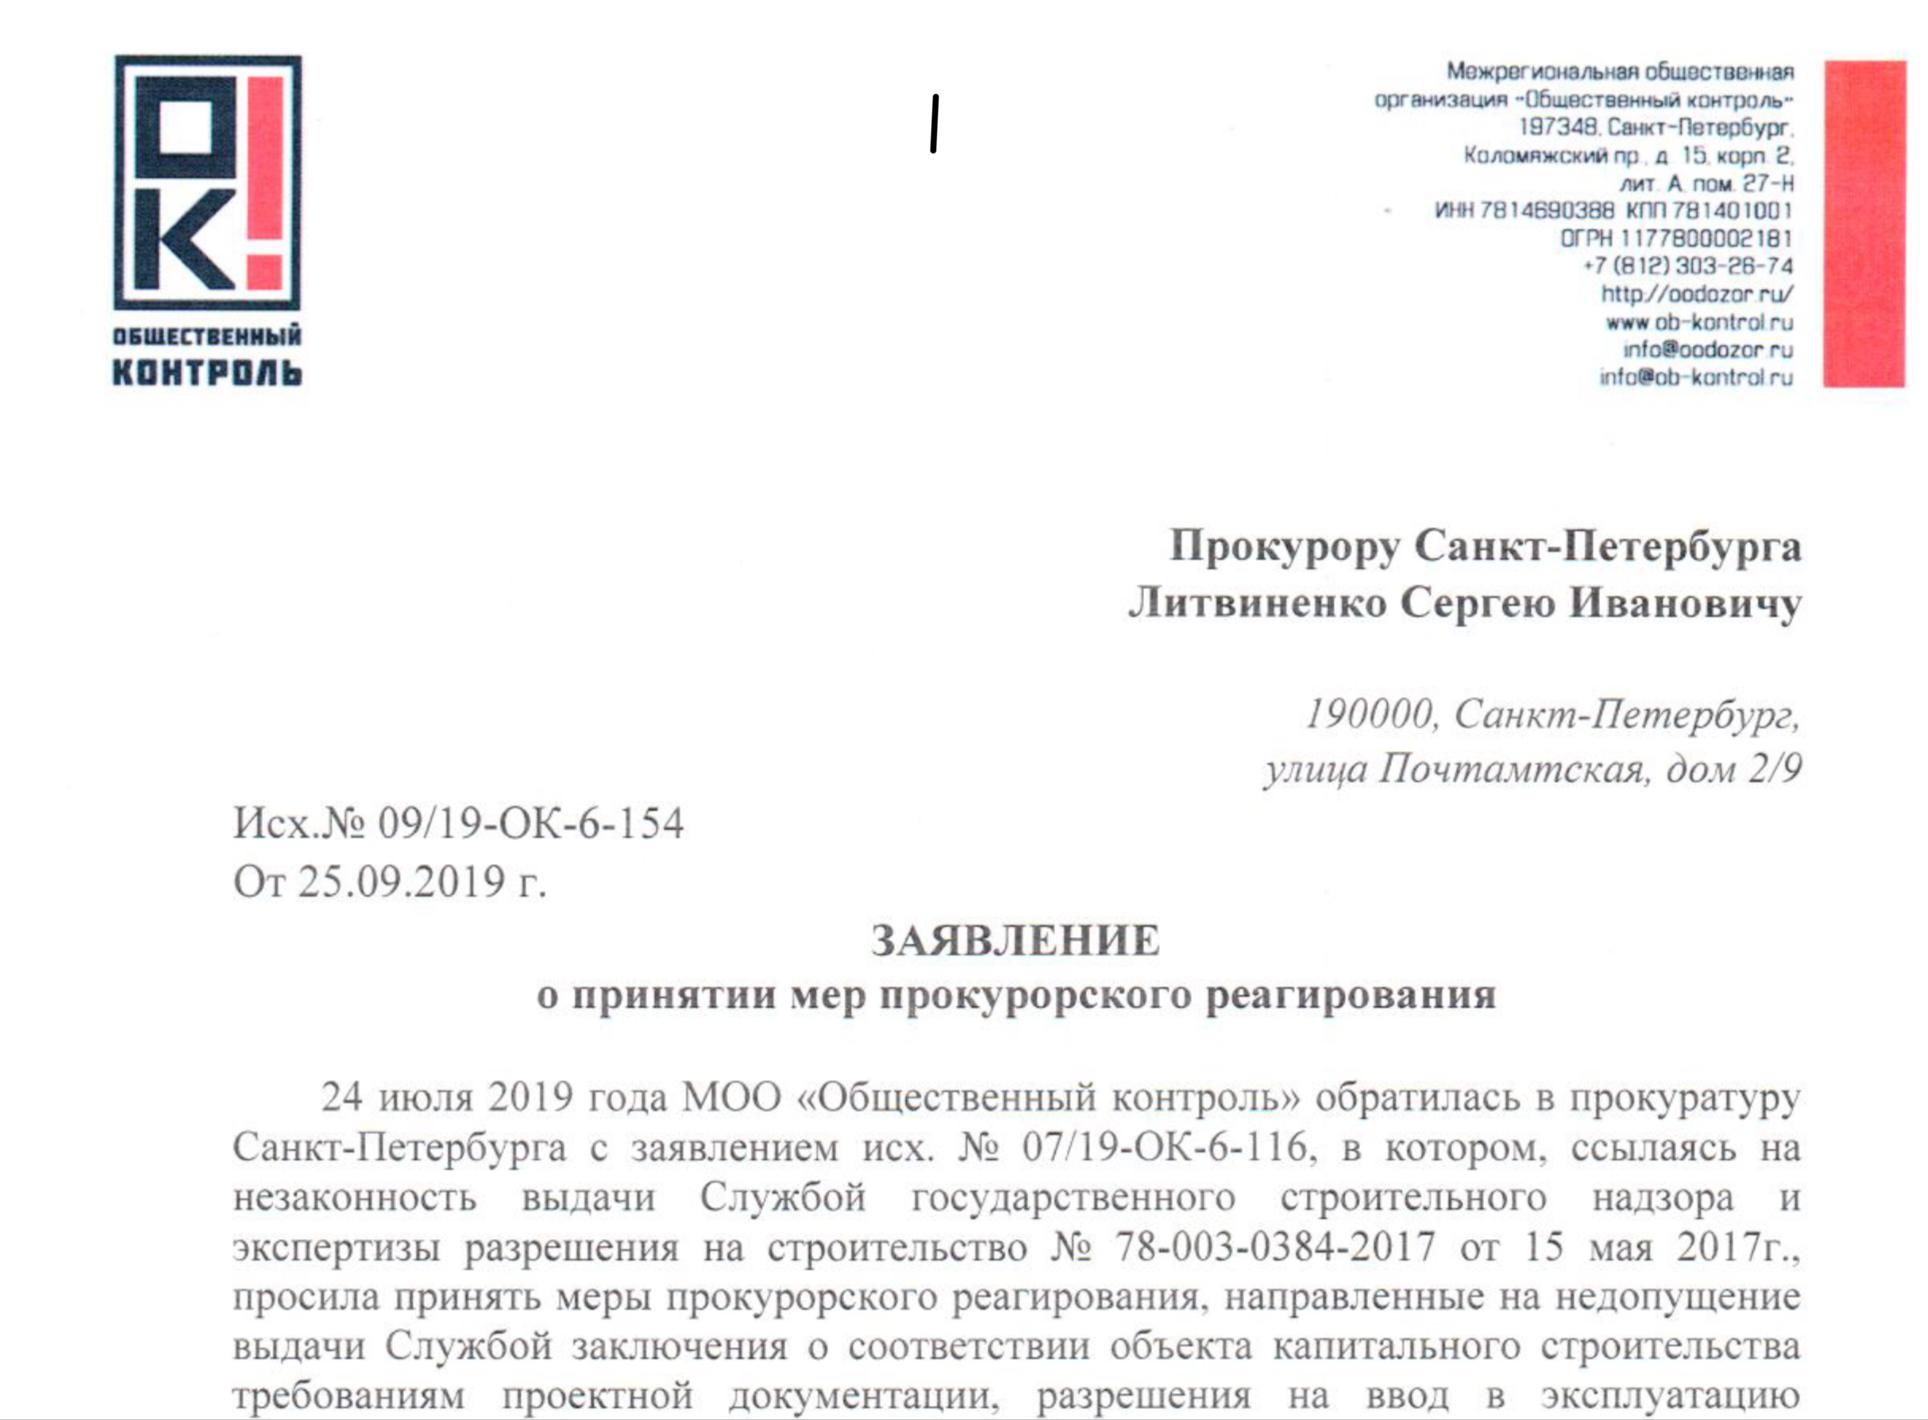 ЗАЯВЛЕНИЕ о принятии мер прокурорского реагирования Прокурору Санкт-Петербурга Литвиненко Сергею Ивановичу